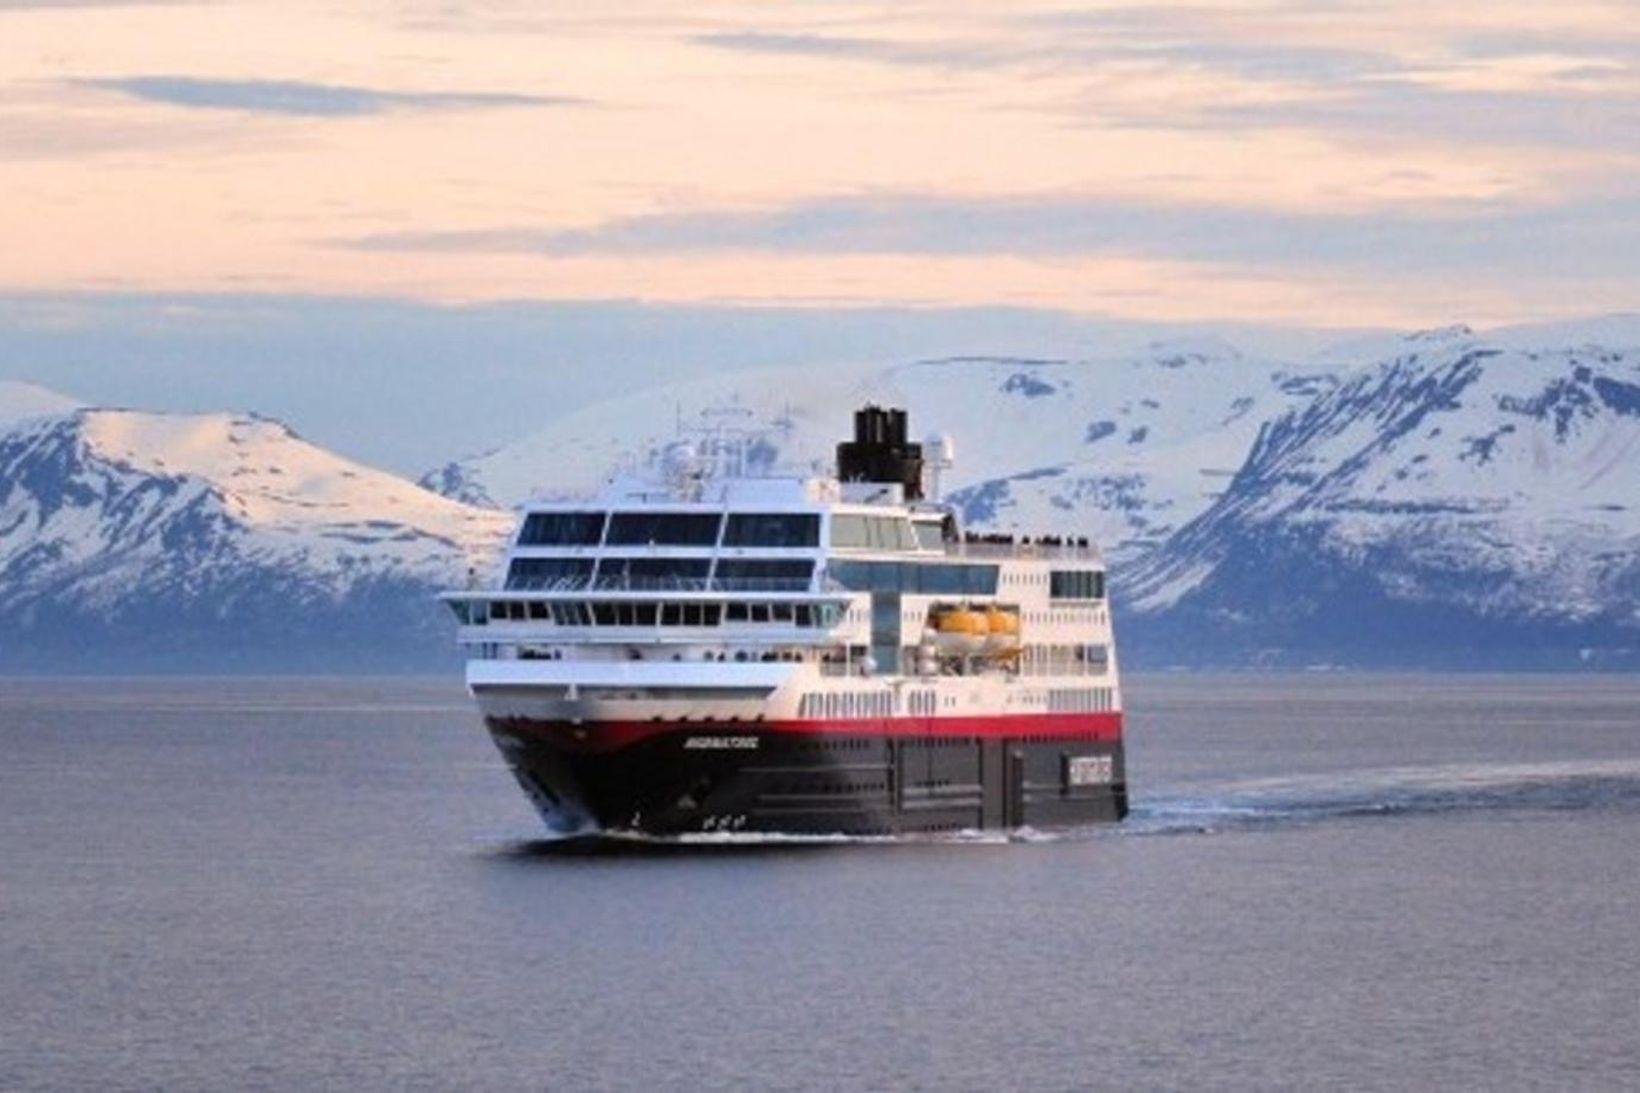 Eitt skipa Hurtigruten á siglingu. Alls hafa 36 úr áhöfn …